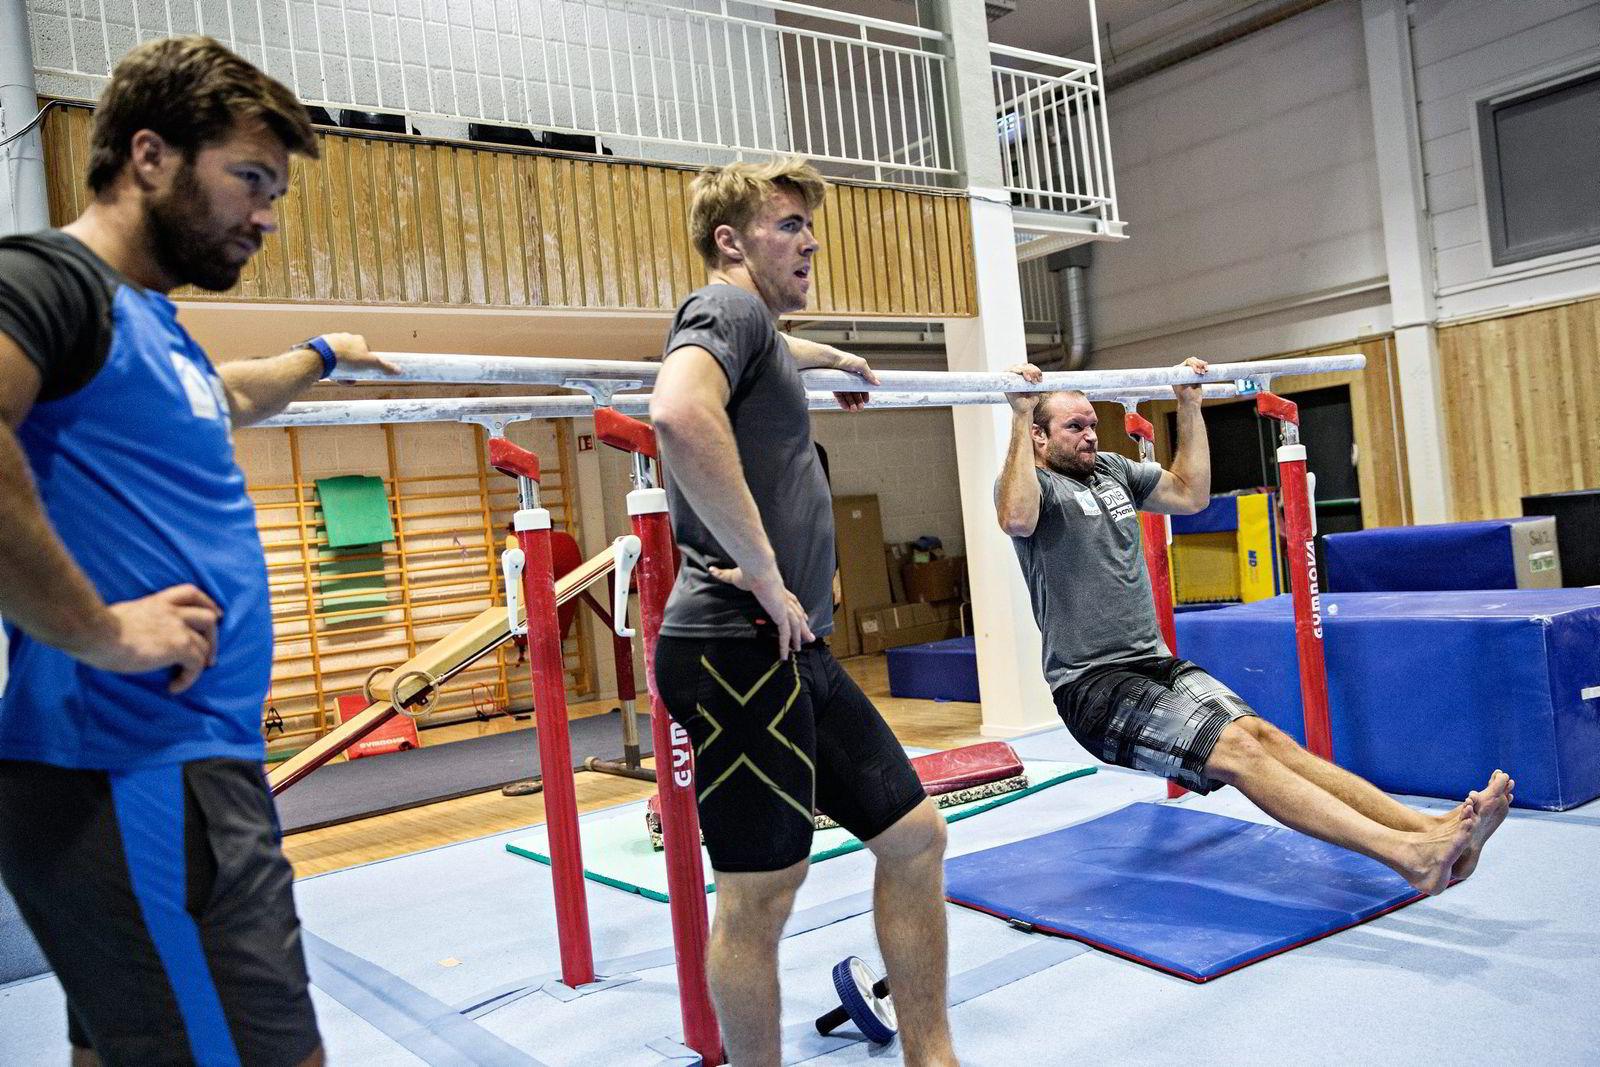 Aksel Lund Svindal må tilpasse treningen på veien tilbake fra kneskaden. Nå er også Aleksander Aamodt Kilde (i midten) på skadelisten etter en smell i lysken. Lars Mæland (til venstre) mener det går rett vei. Foto: Aleksander Nordahl